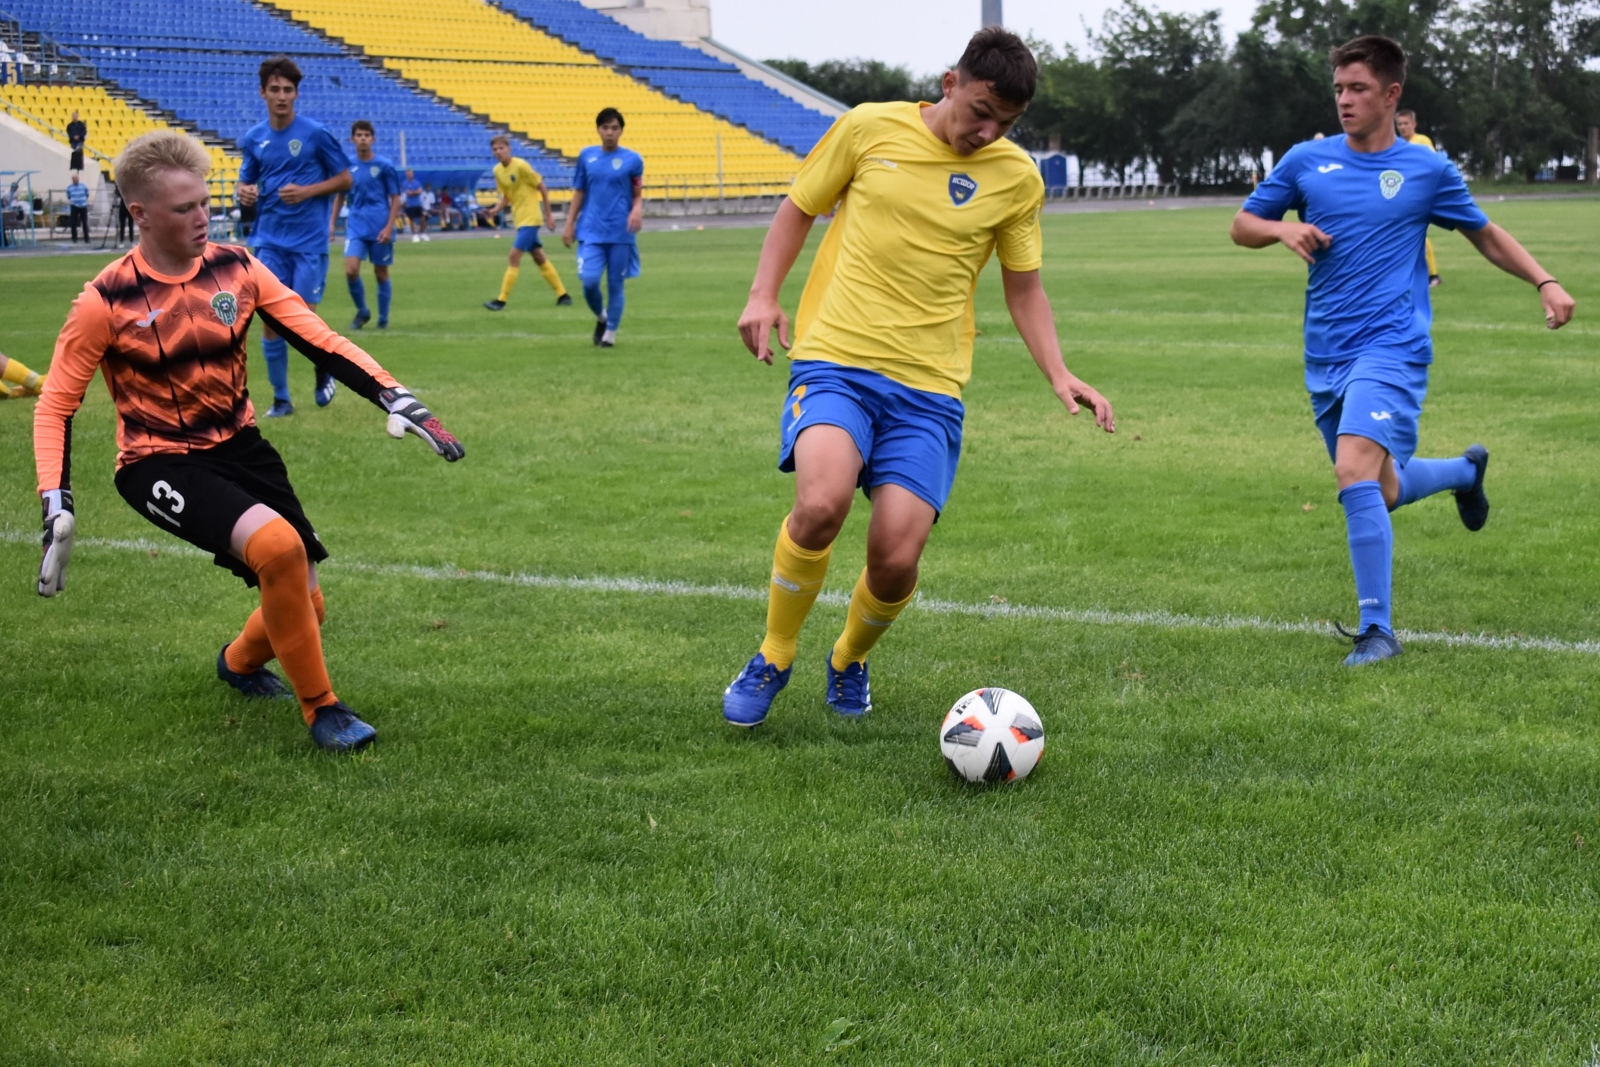 Футбол. ЮФЛ ДВ. Дальневосточная юношеская футбольная лига. Новости футбола. Детский футбол.